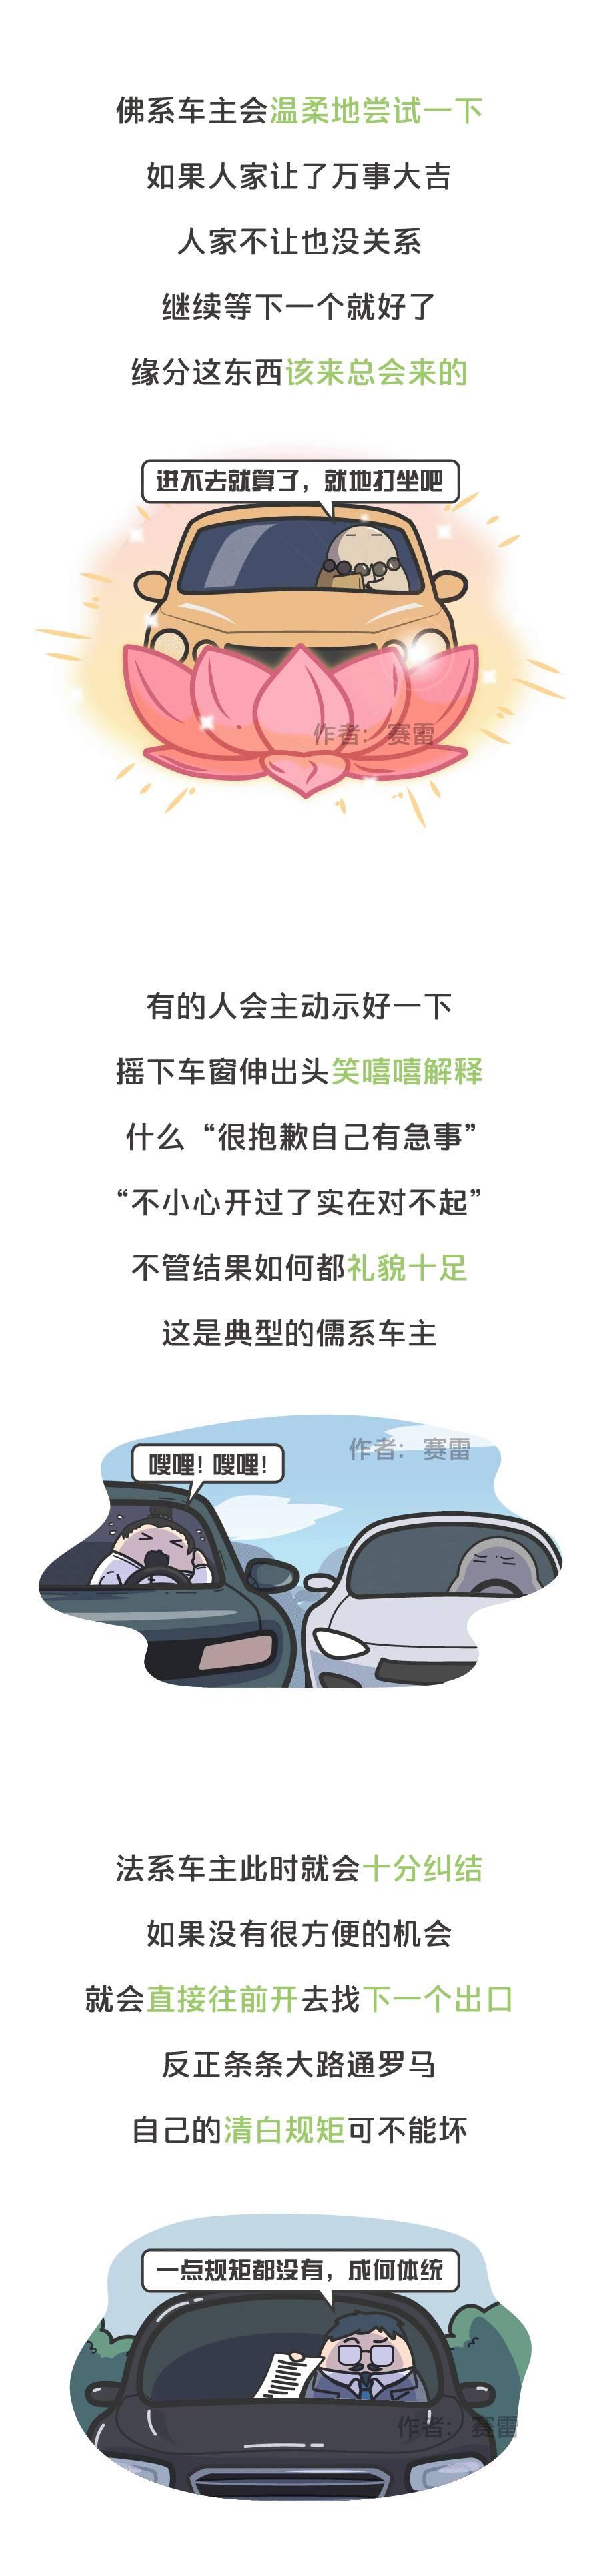 og视讯官网 9